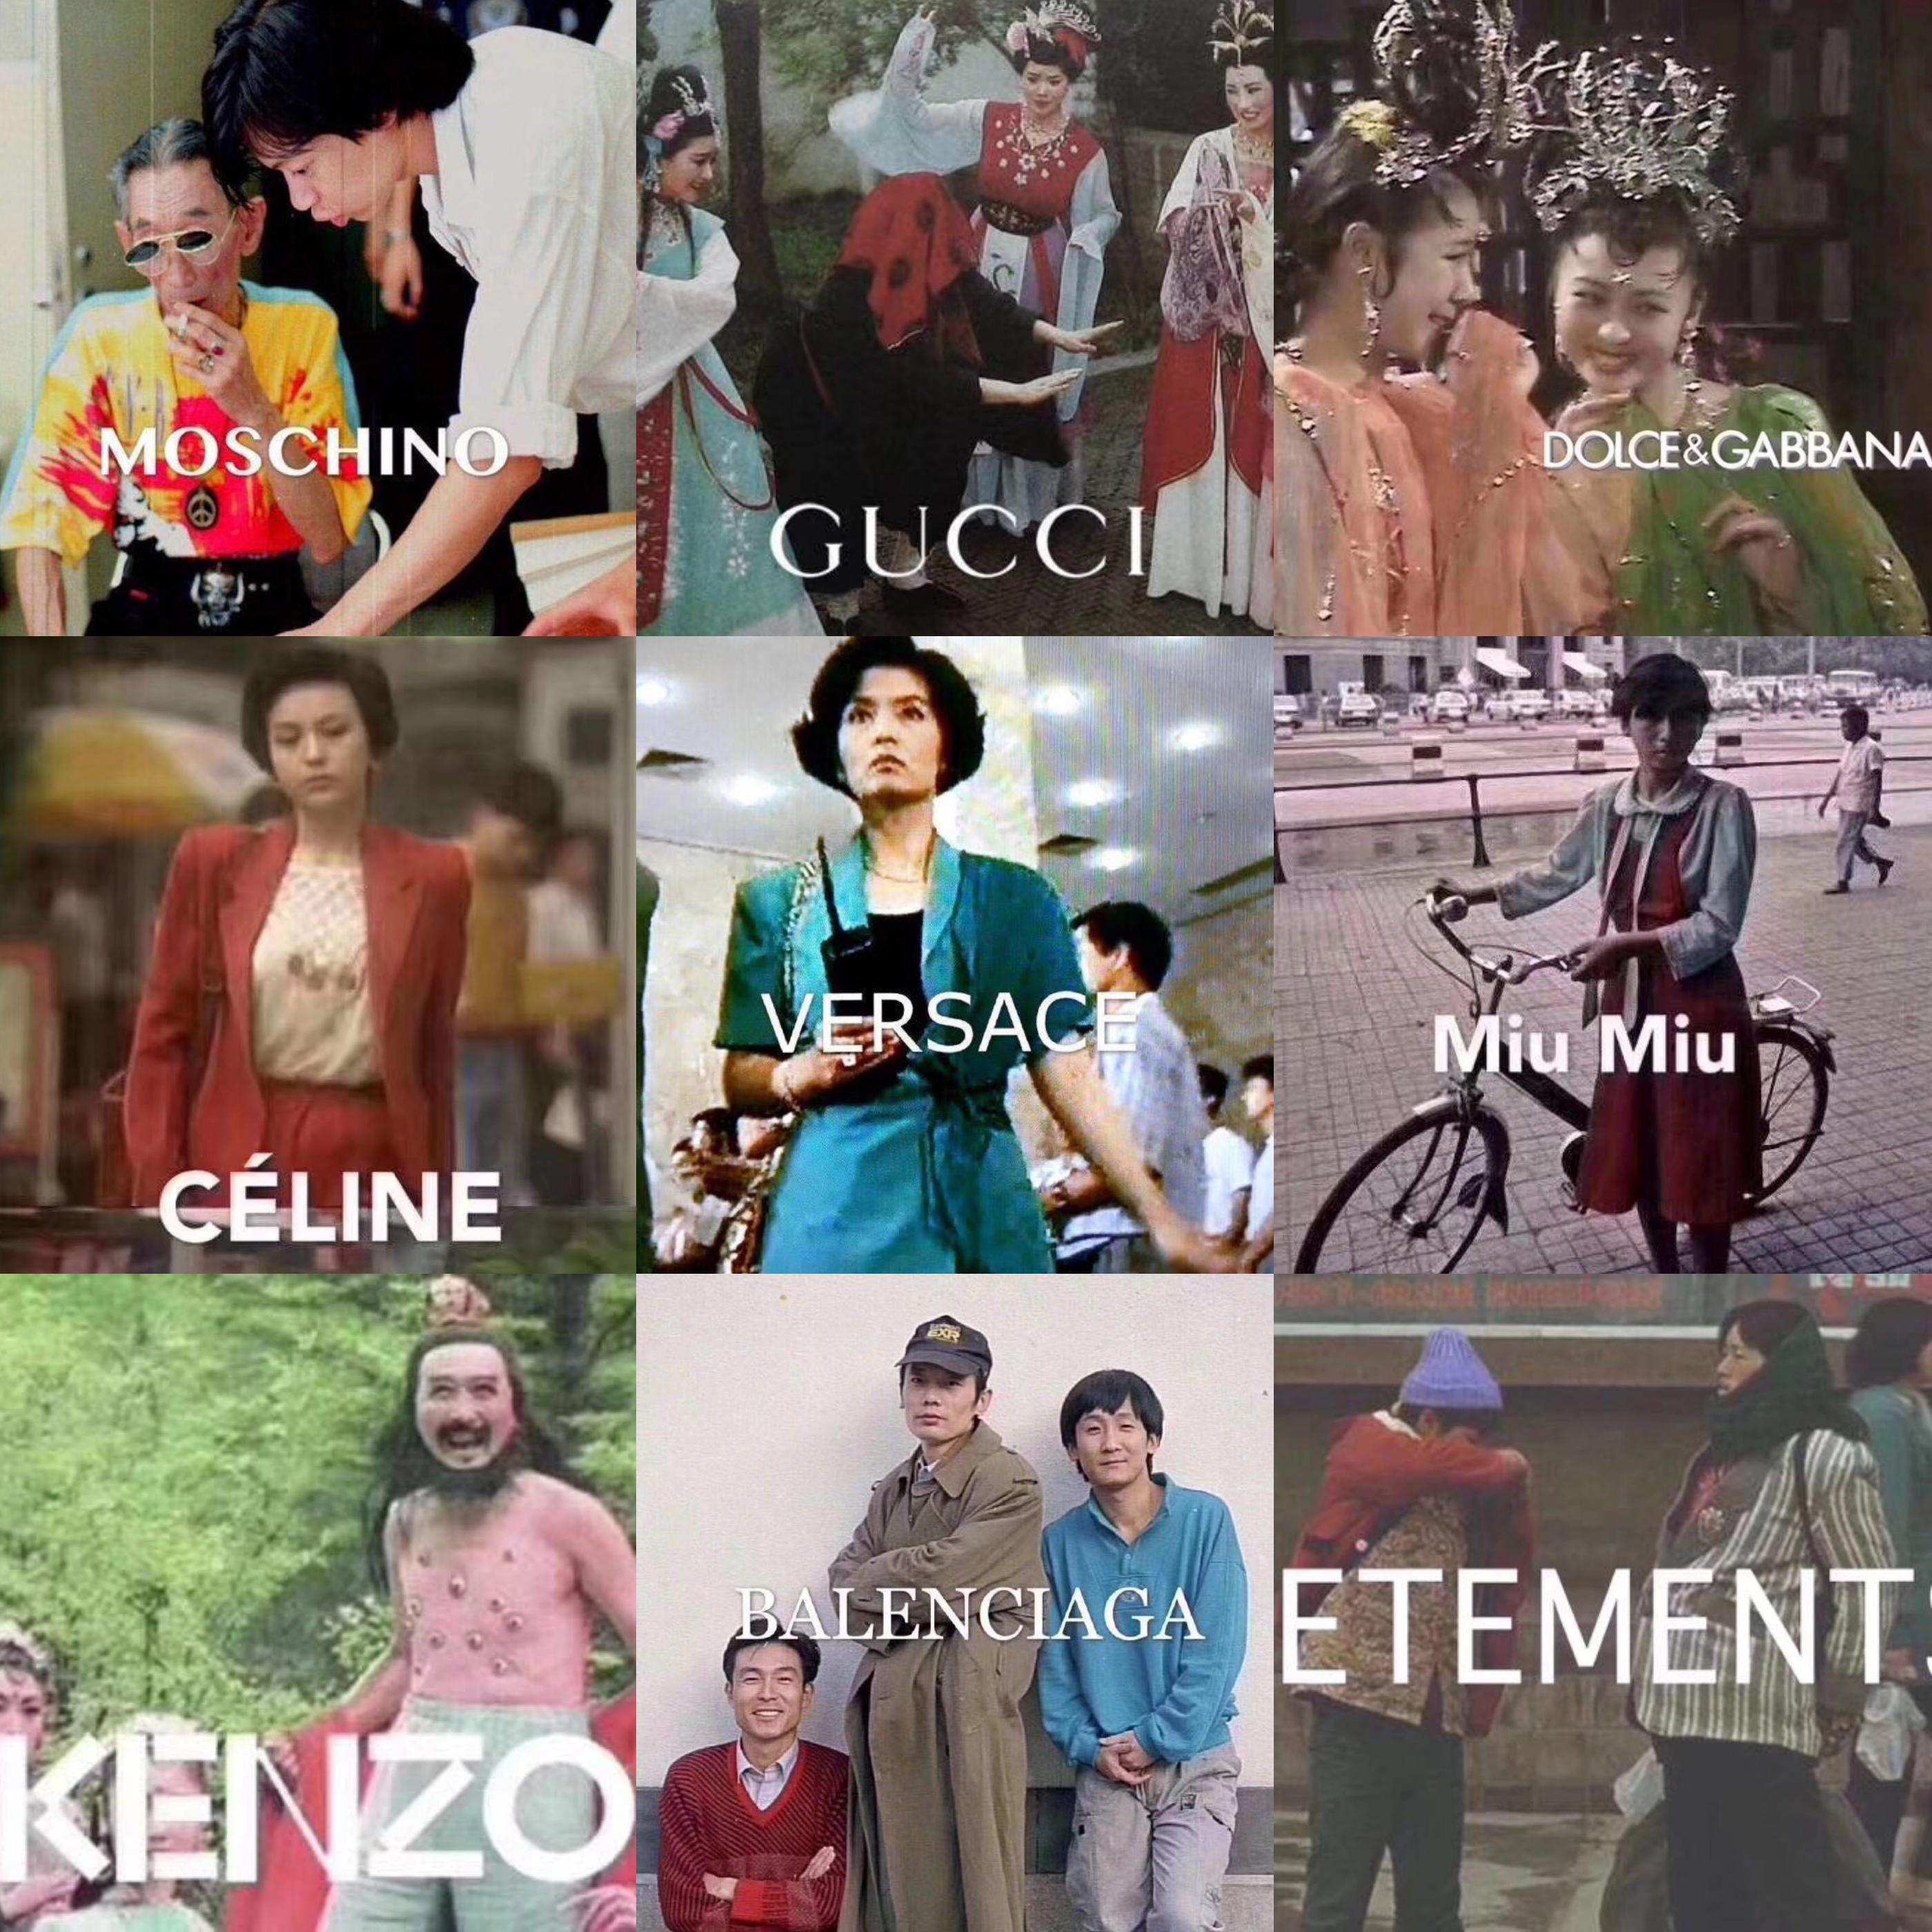 西游记成Gucci的伊甸园 Valentino撞款延禧攻略,中国影视剧竟如此时髦!